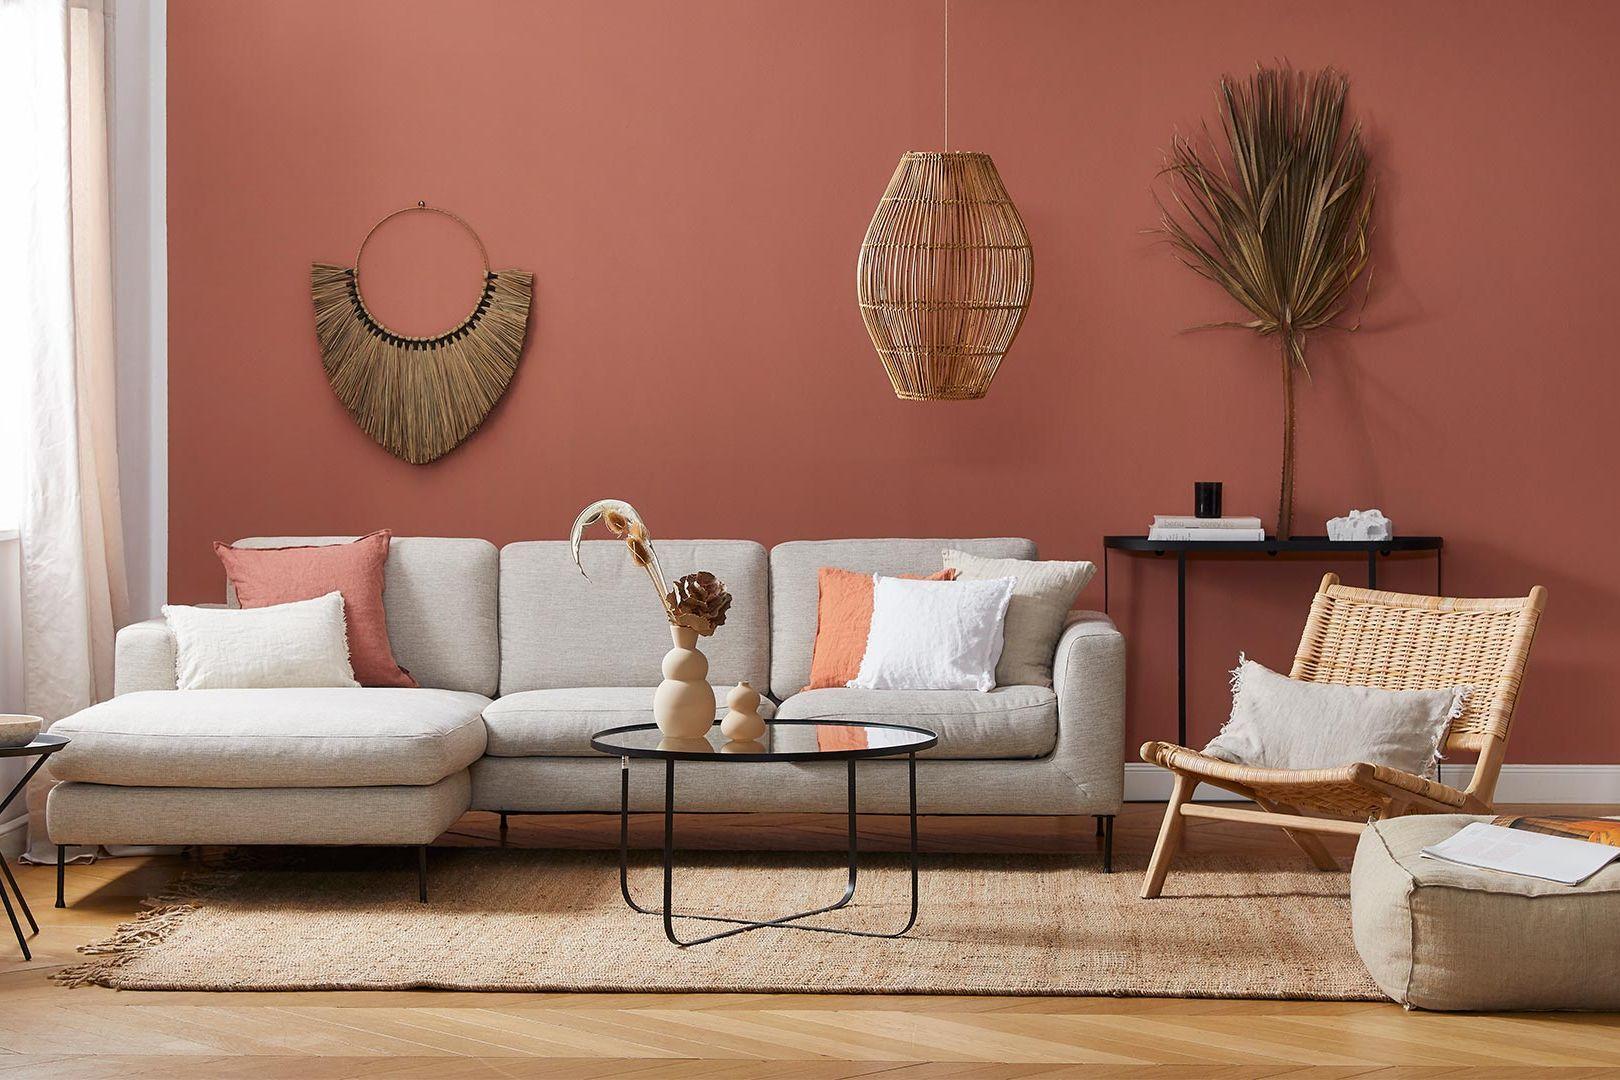 Sofa styling: Boho